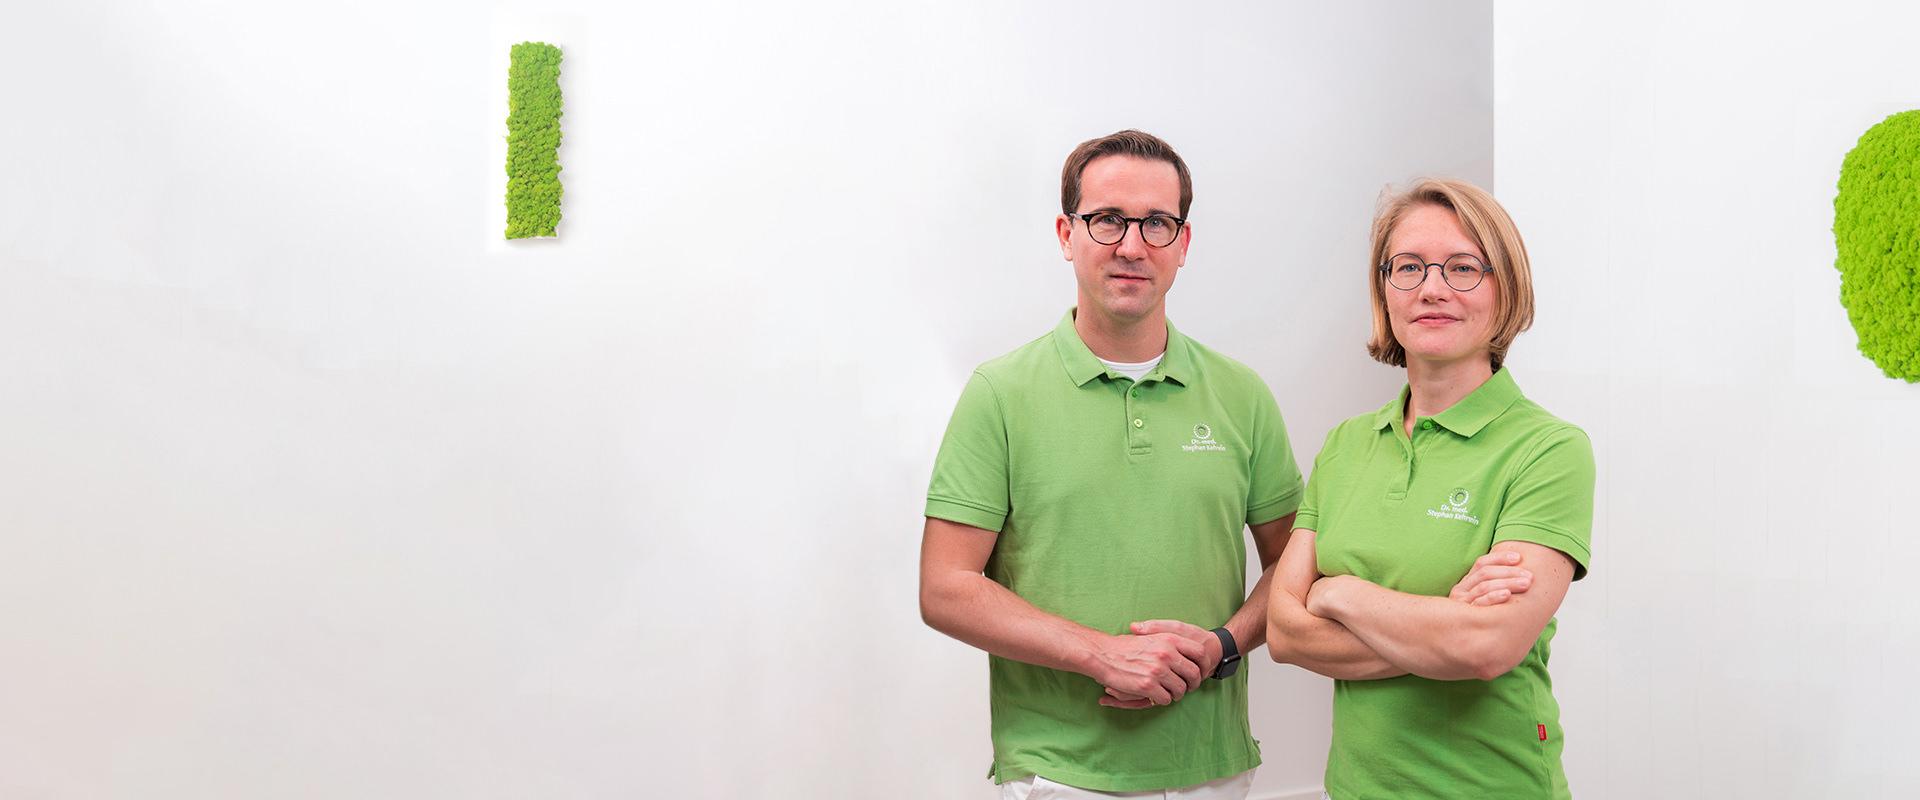 Augenarzt Kriftel - Kehrein - Team